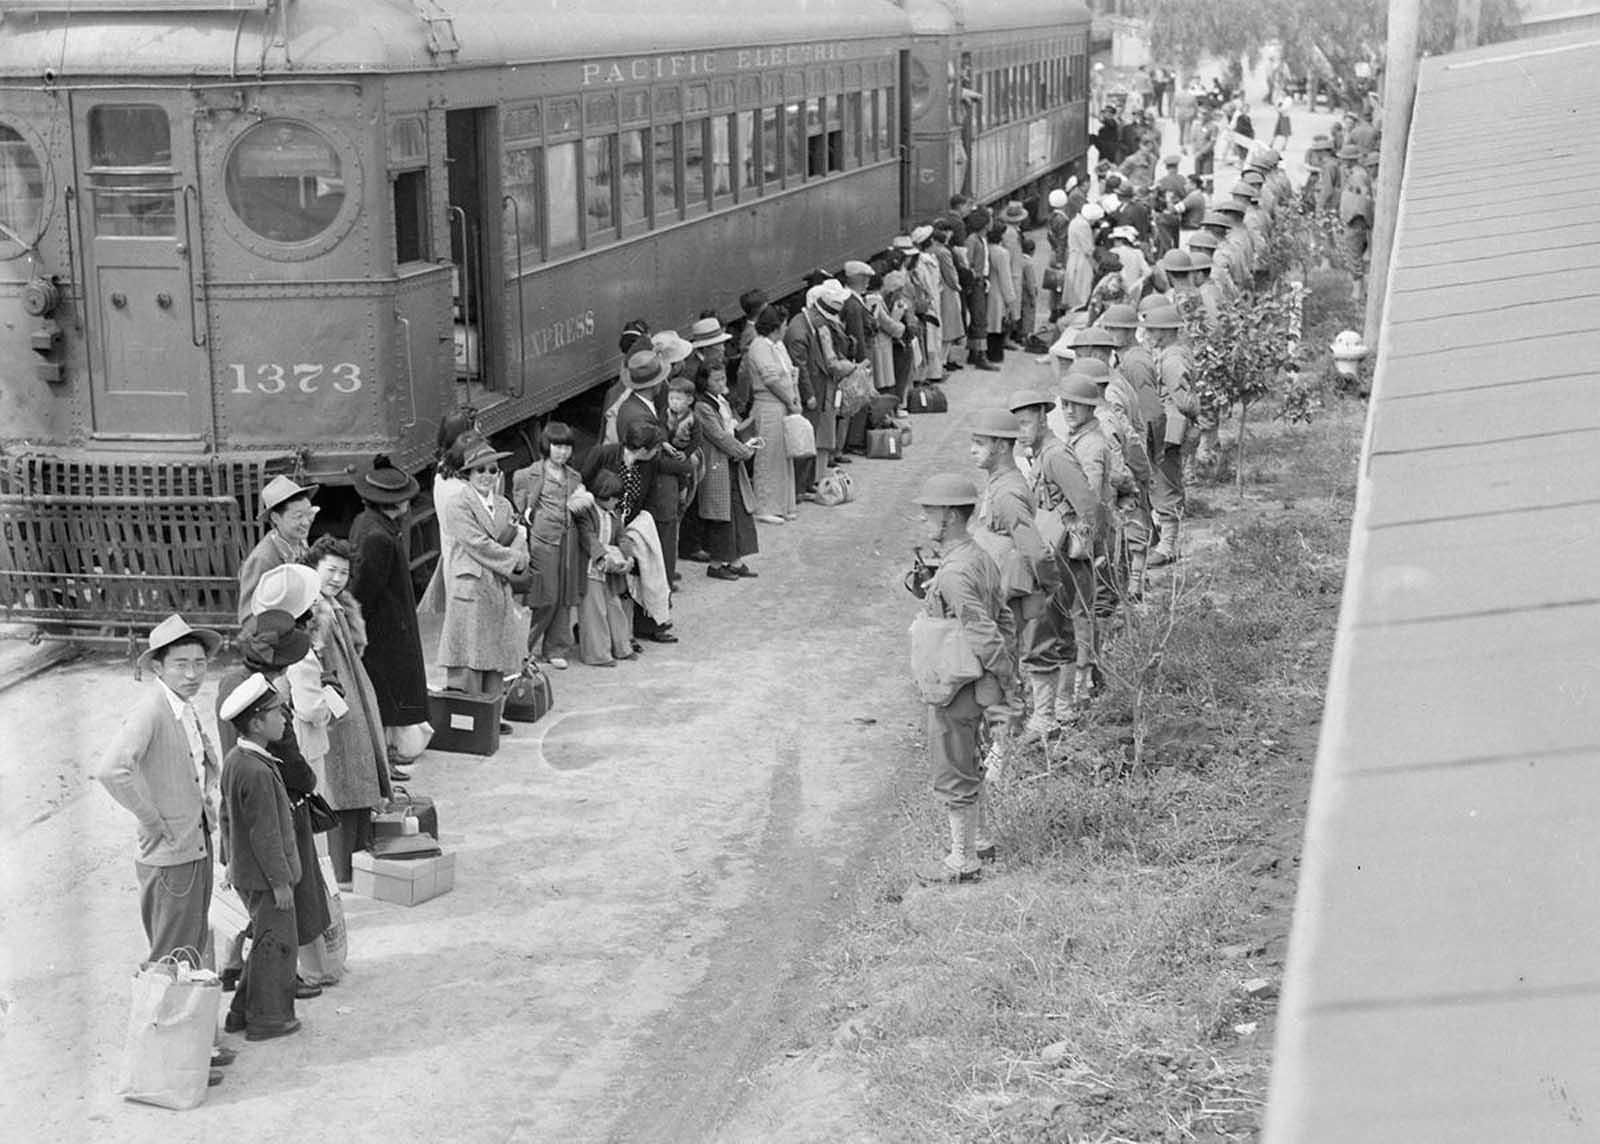 Personas de ascendencia japonesa de San Pedro, California, llegan al centro de la Asamblea de Santa Anita en Arcadia, California, en 1942. Los evacuados vivían en este centro en la pista de carreras de Santa Anita antes de ser trasladados tierra adentro a otros centros de reubicación.